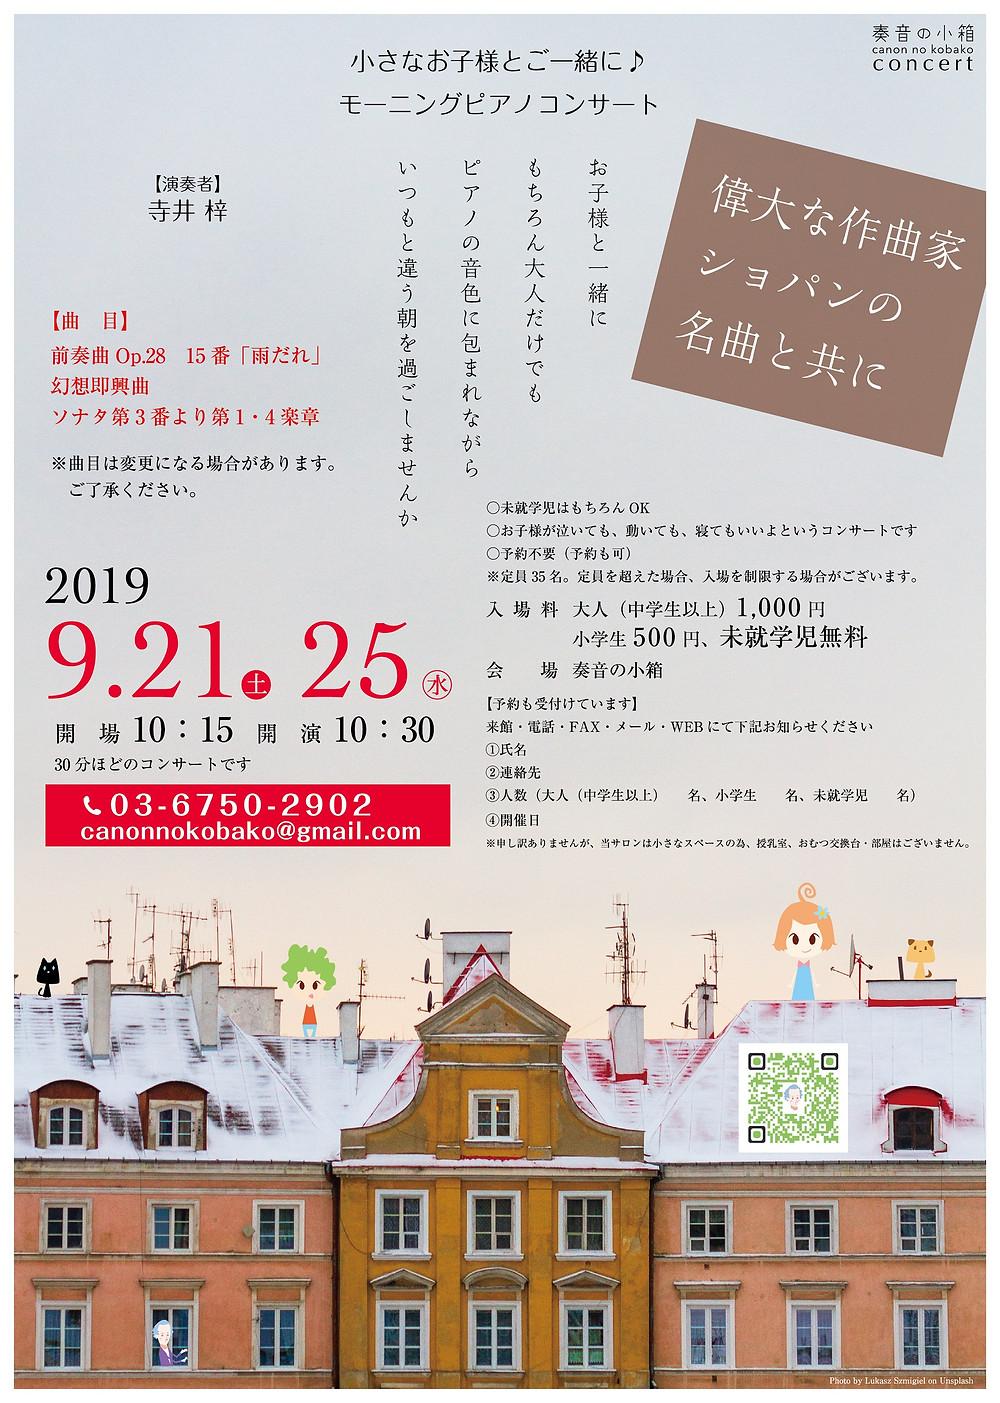 モーニングピアノコンサート 9月